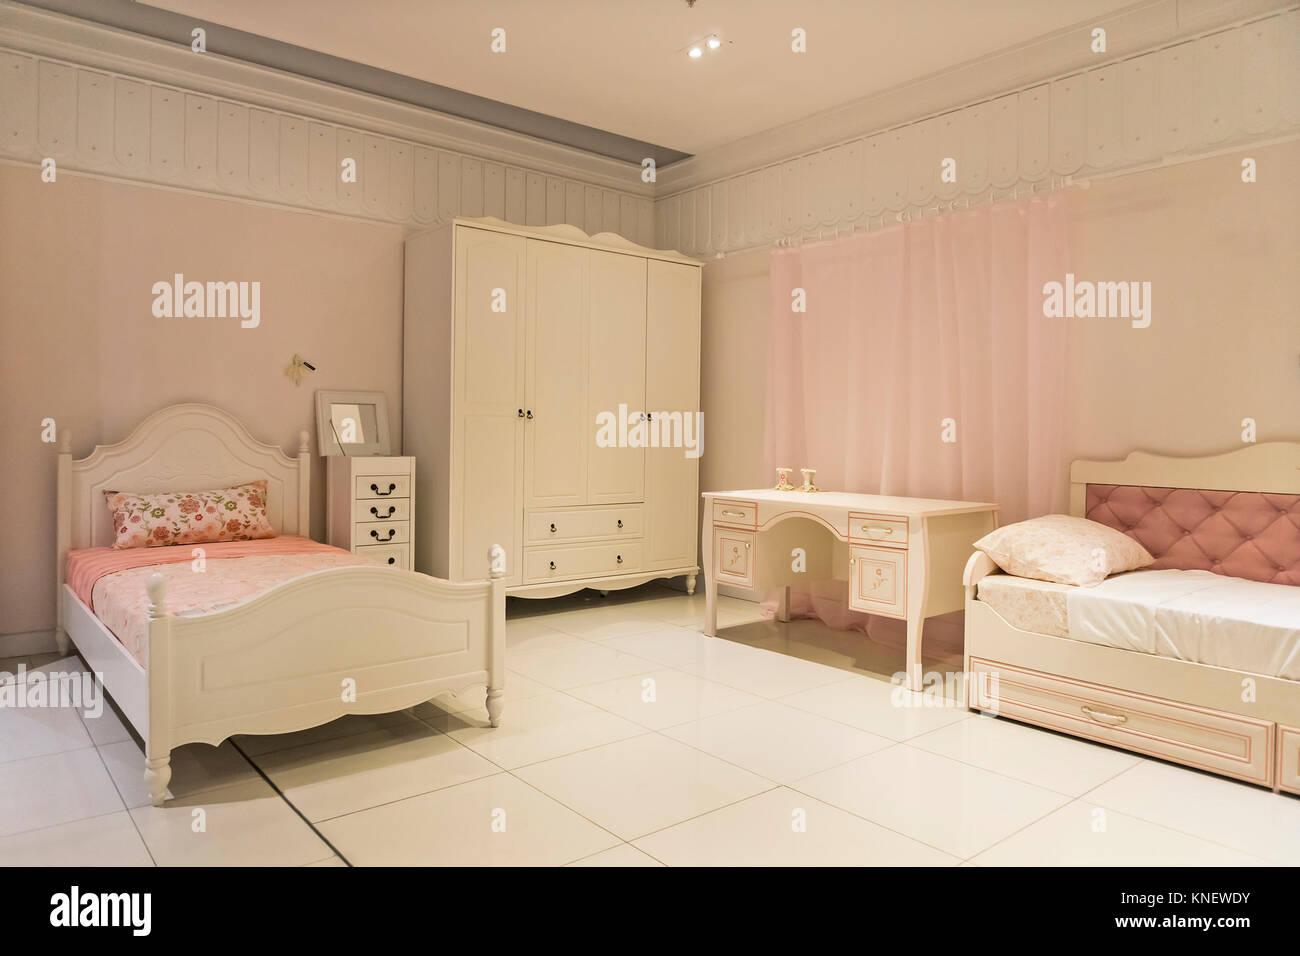 Moderni mobili per bambini in una spaziosa camera da letto ...